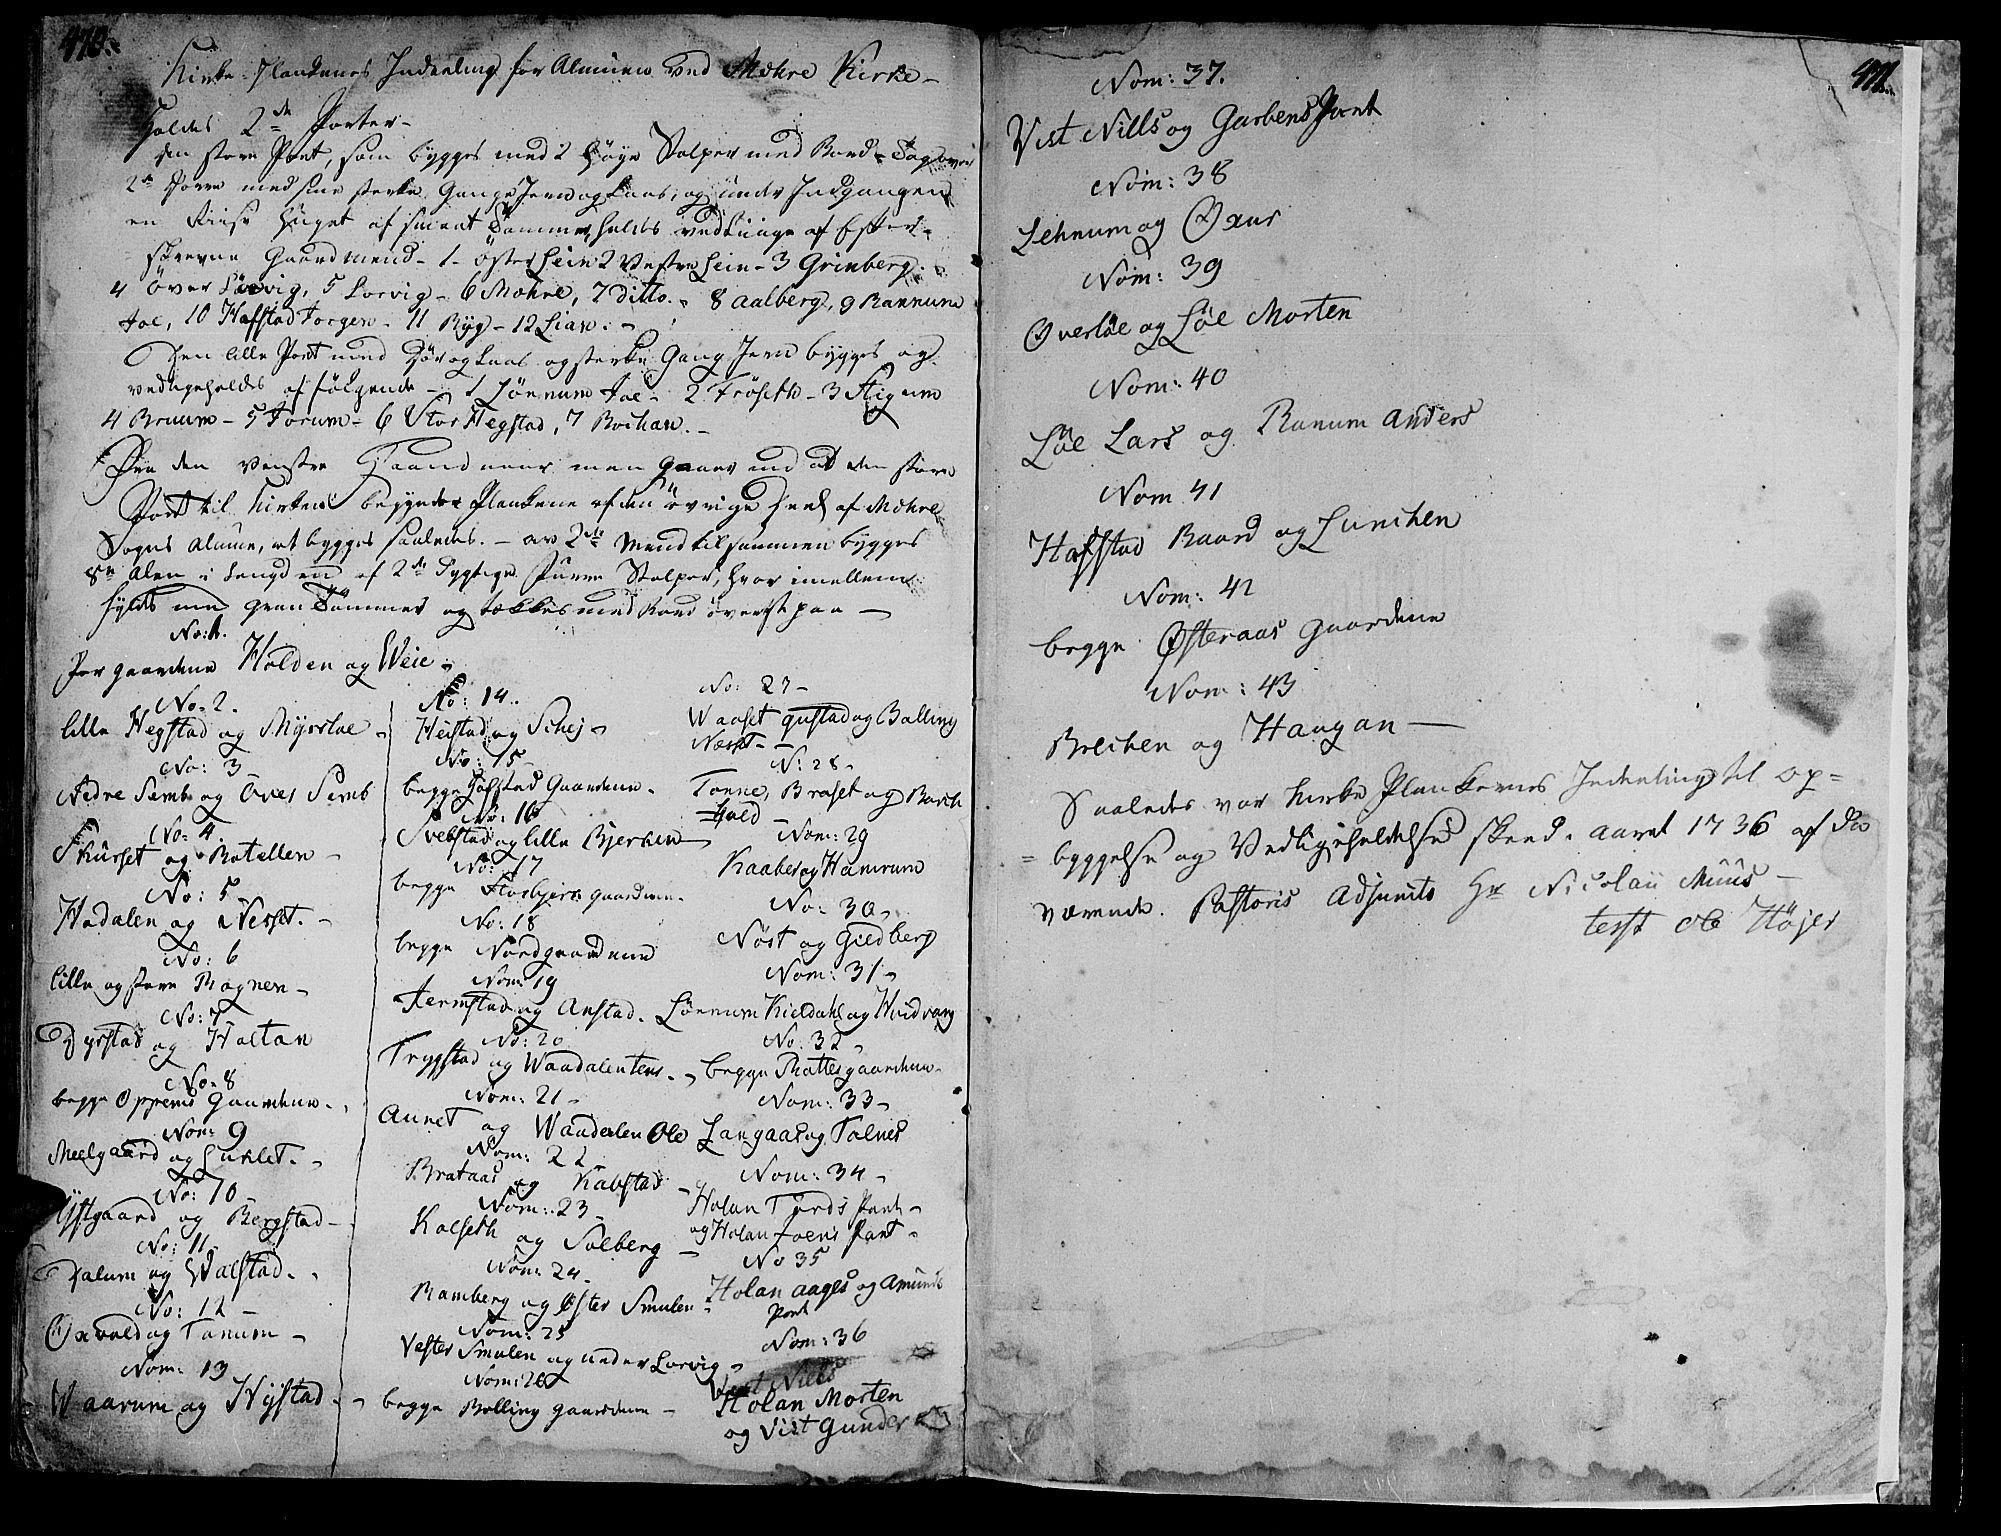 SAT, Ministerialprotokoller, klokkerbøker og fødselsregistre - Nord-Trøndelag, 735/L0331: Ministerialbok nr. 735A02, 1762-1794, s. 470-471